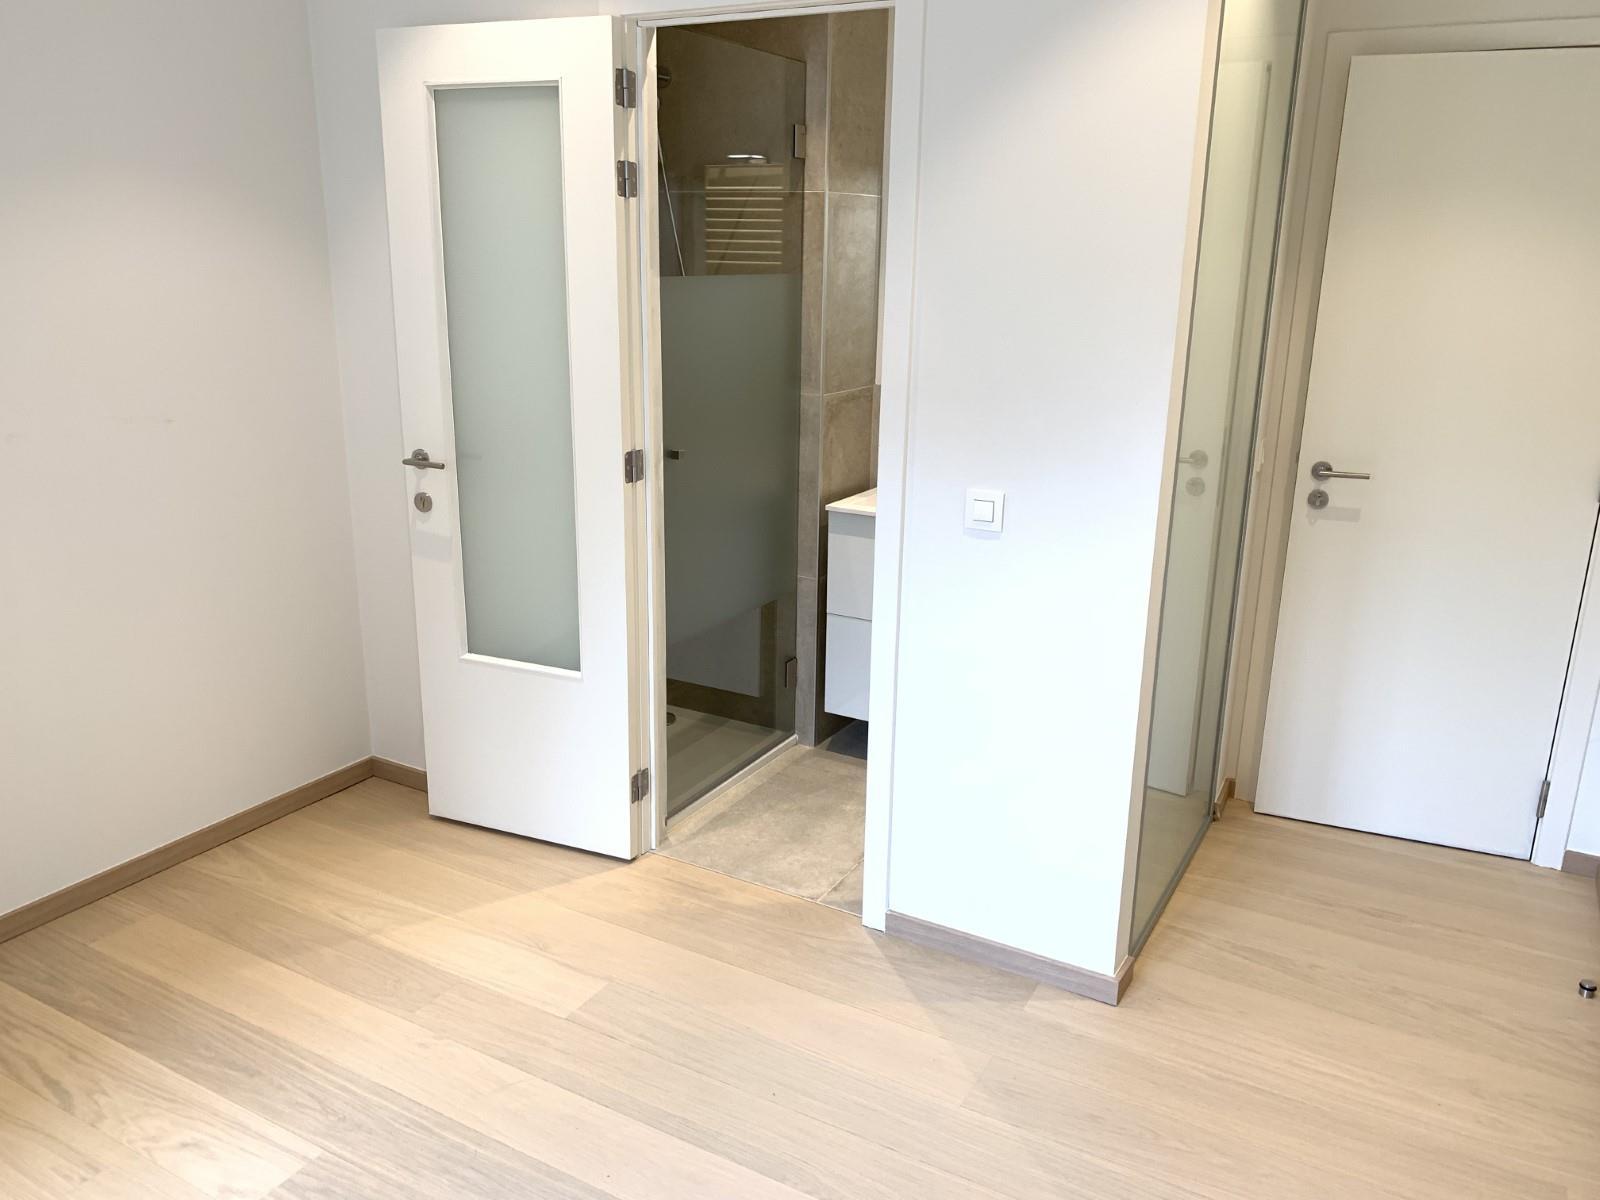 Appartement exceptionnel - Ixelles - #3964982-11